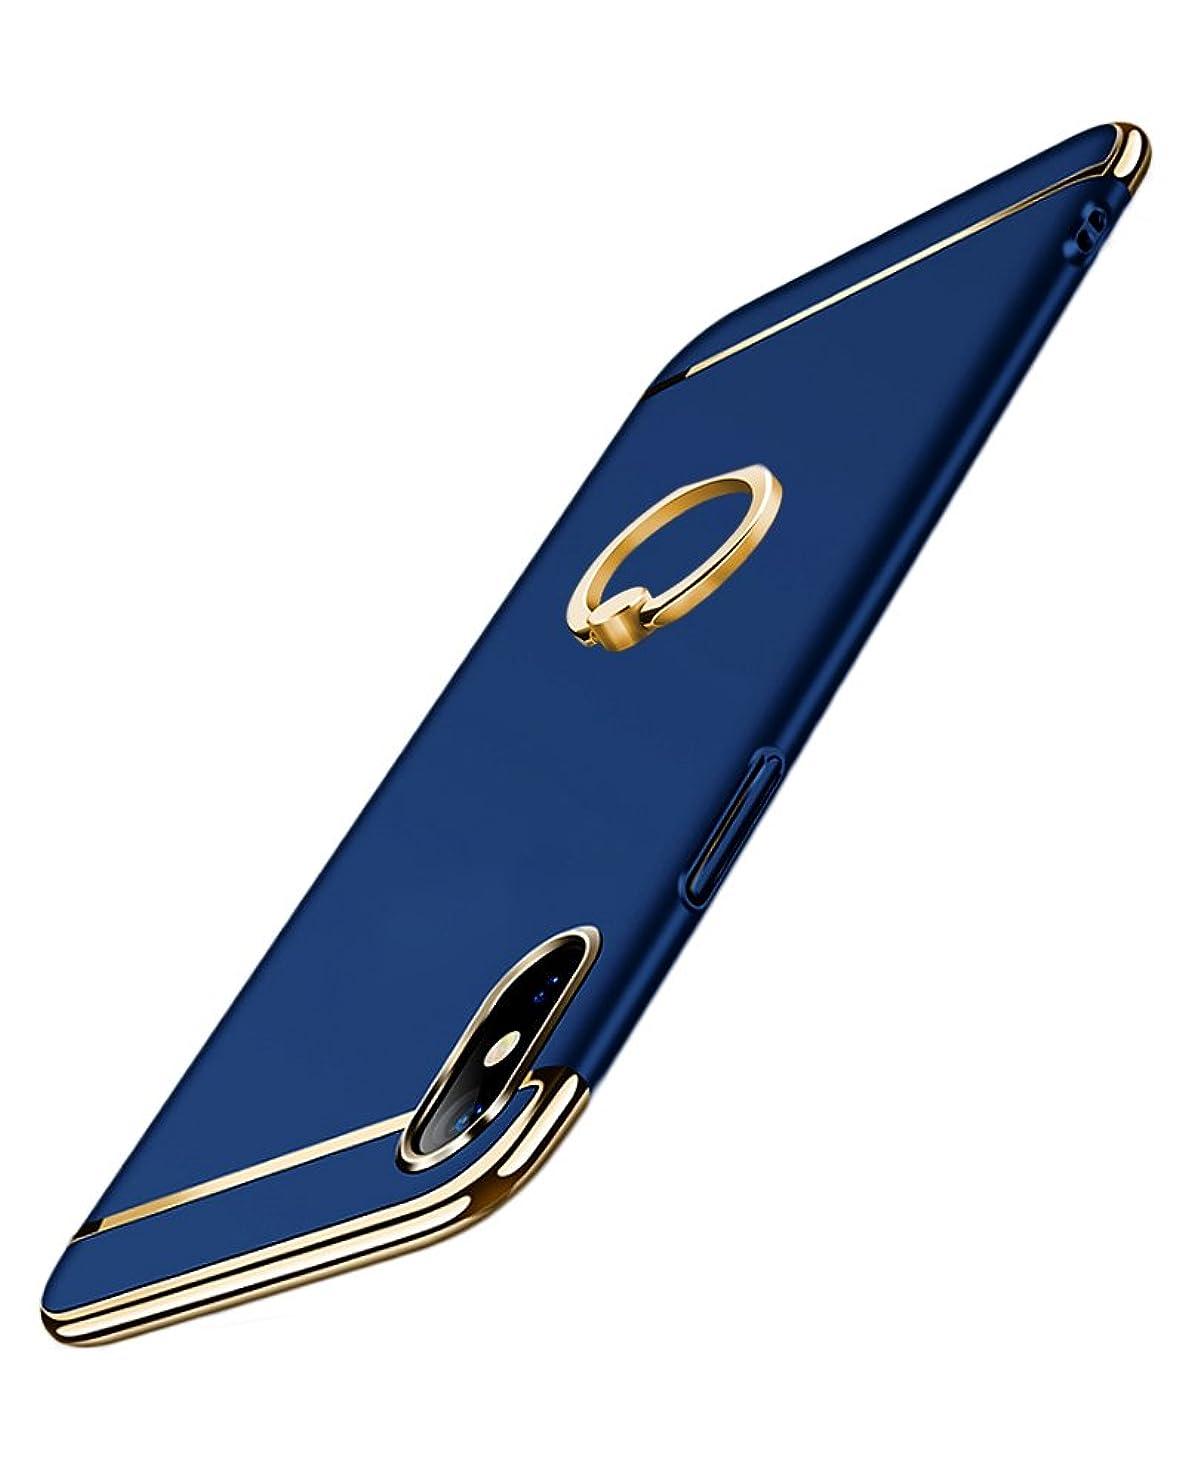 組み合わせるバッジ重さiPhoneX ハード ケース、uniqe 滑り防止 サムスン アイフォンX 用 リング付き おしゃれ 組み合わせ 3パーツ式 iPhoneX スタンド機能 薄い 携帯カバー (iPhone X, ブルー)